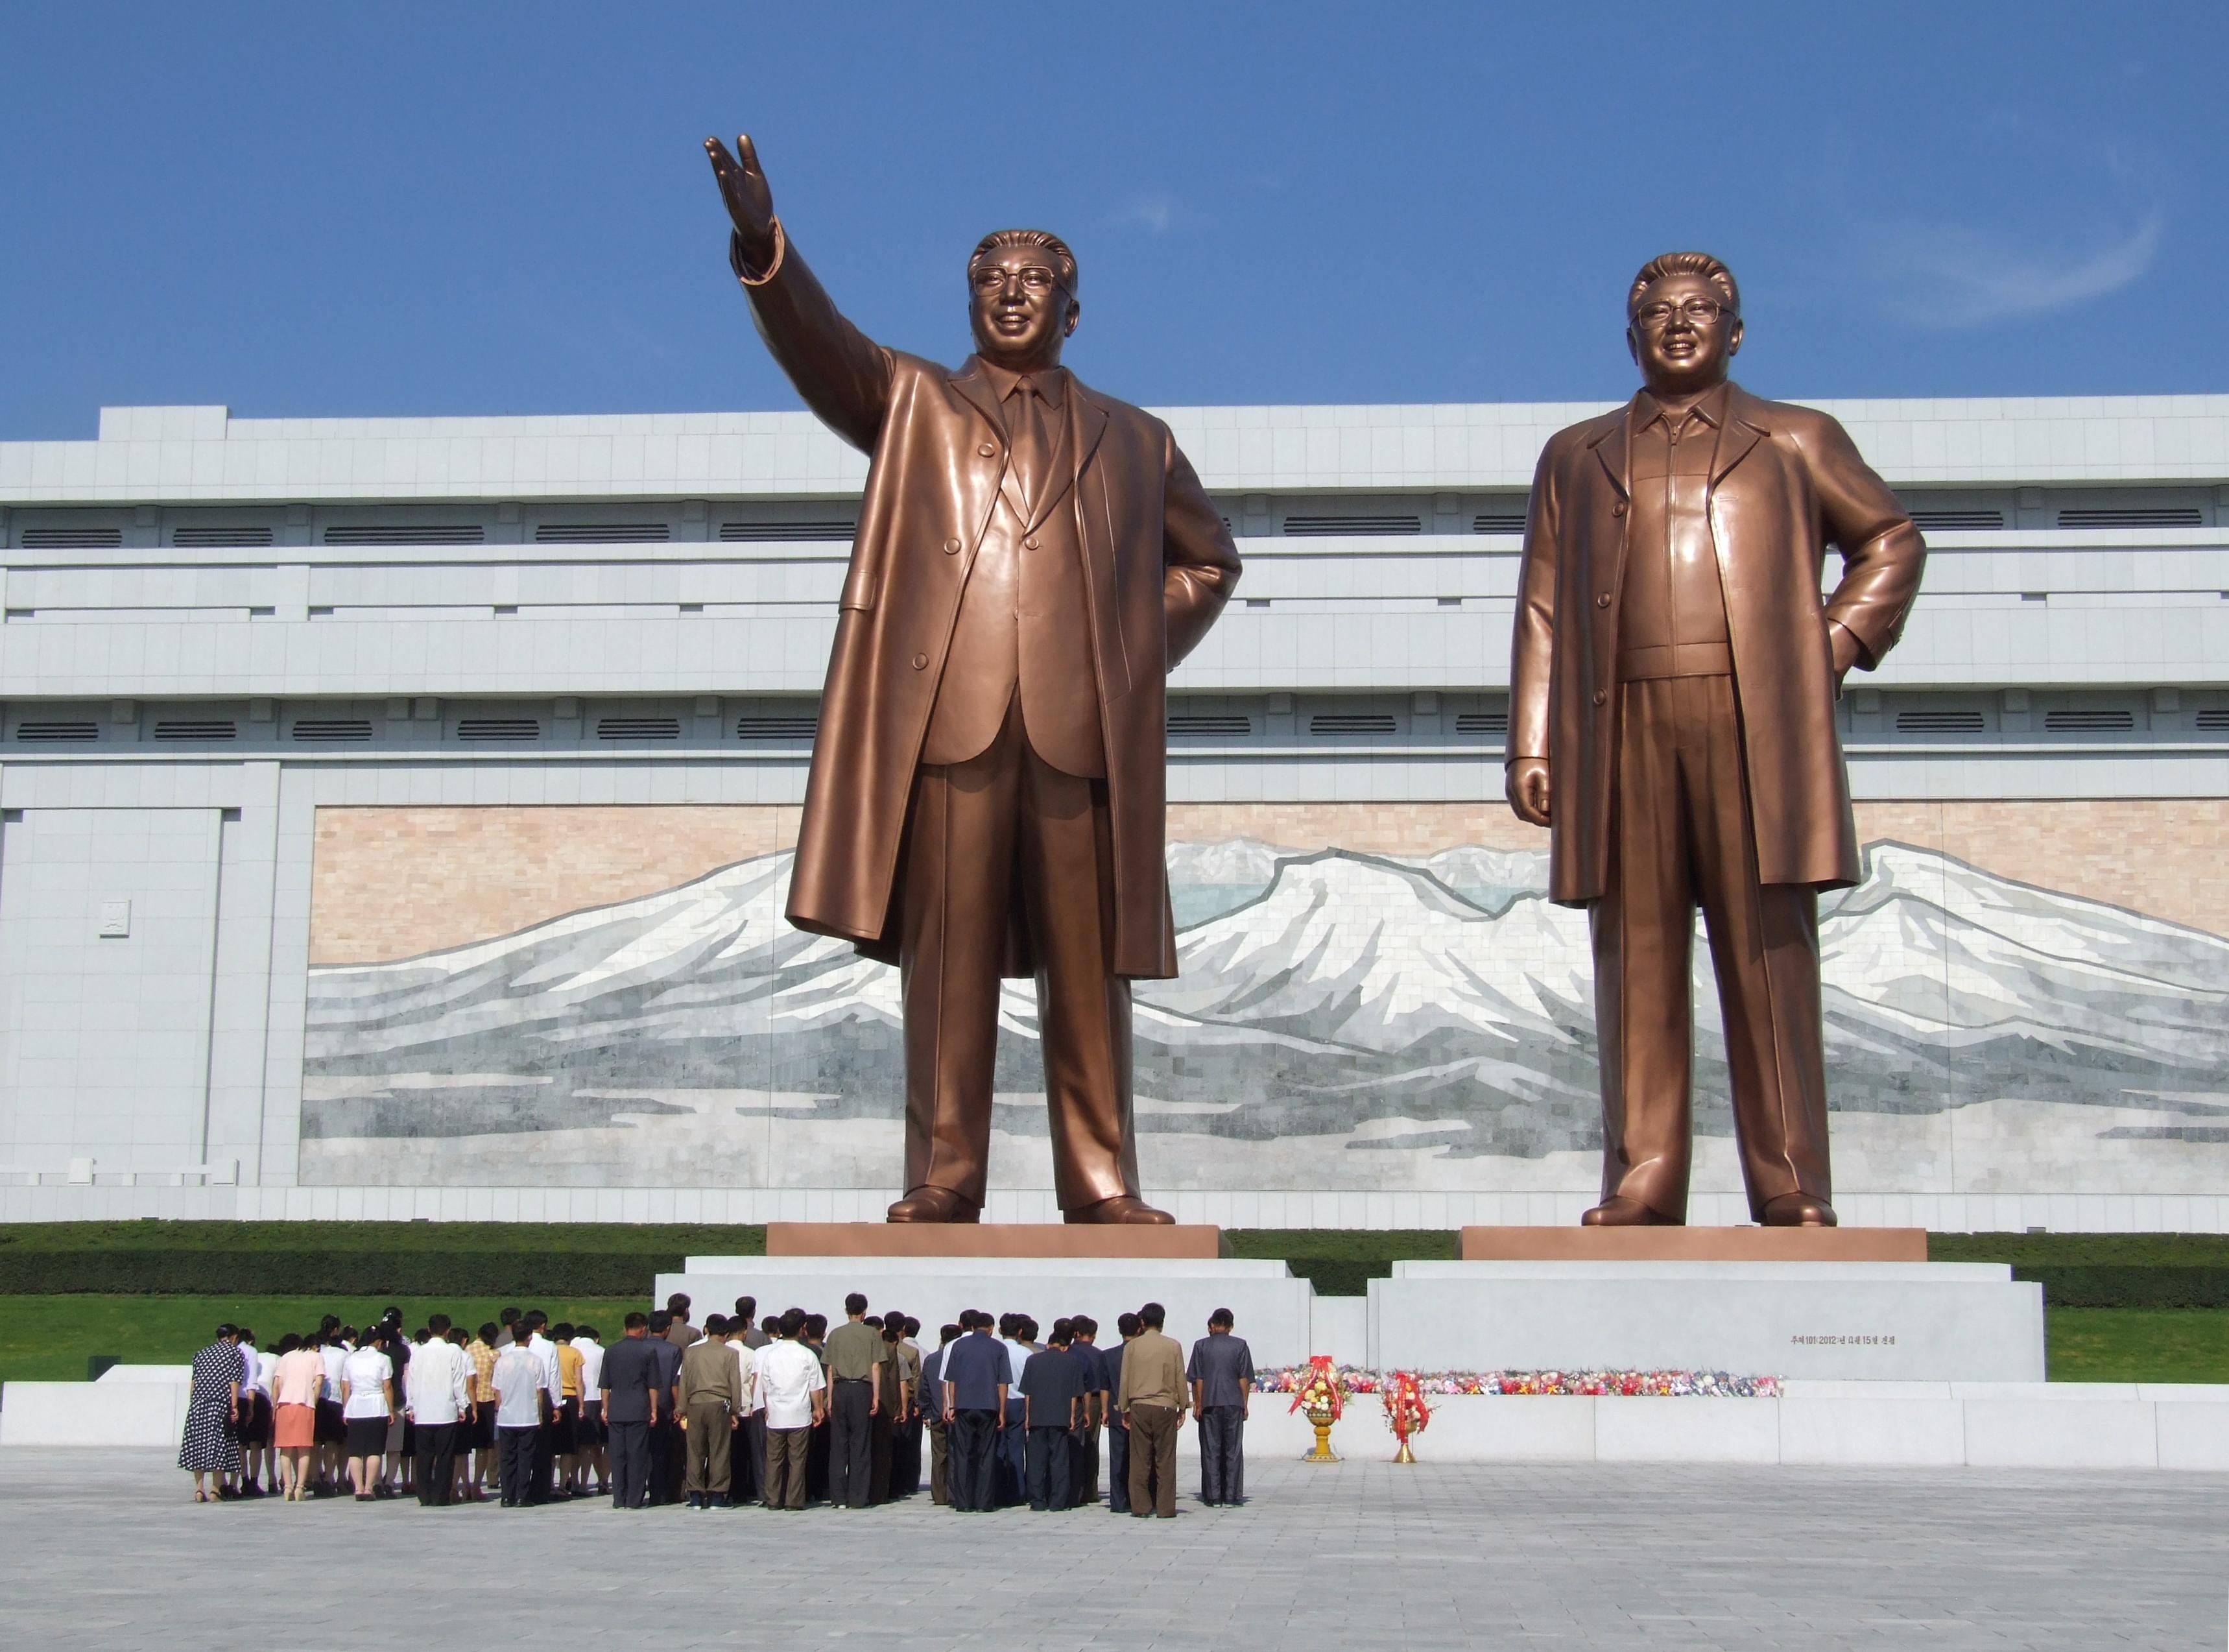 Nordkorea, das altbekannte Muster – Ein Kommentar von Pa Shan